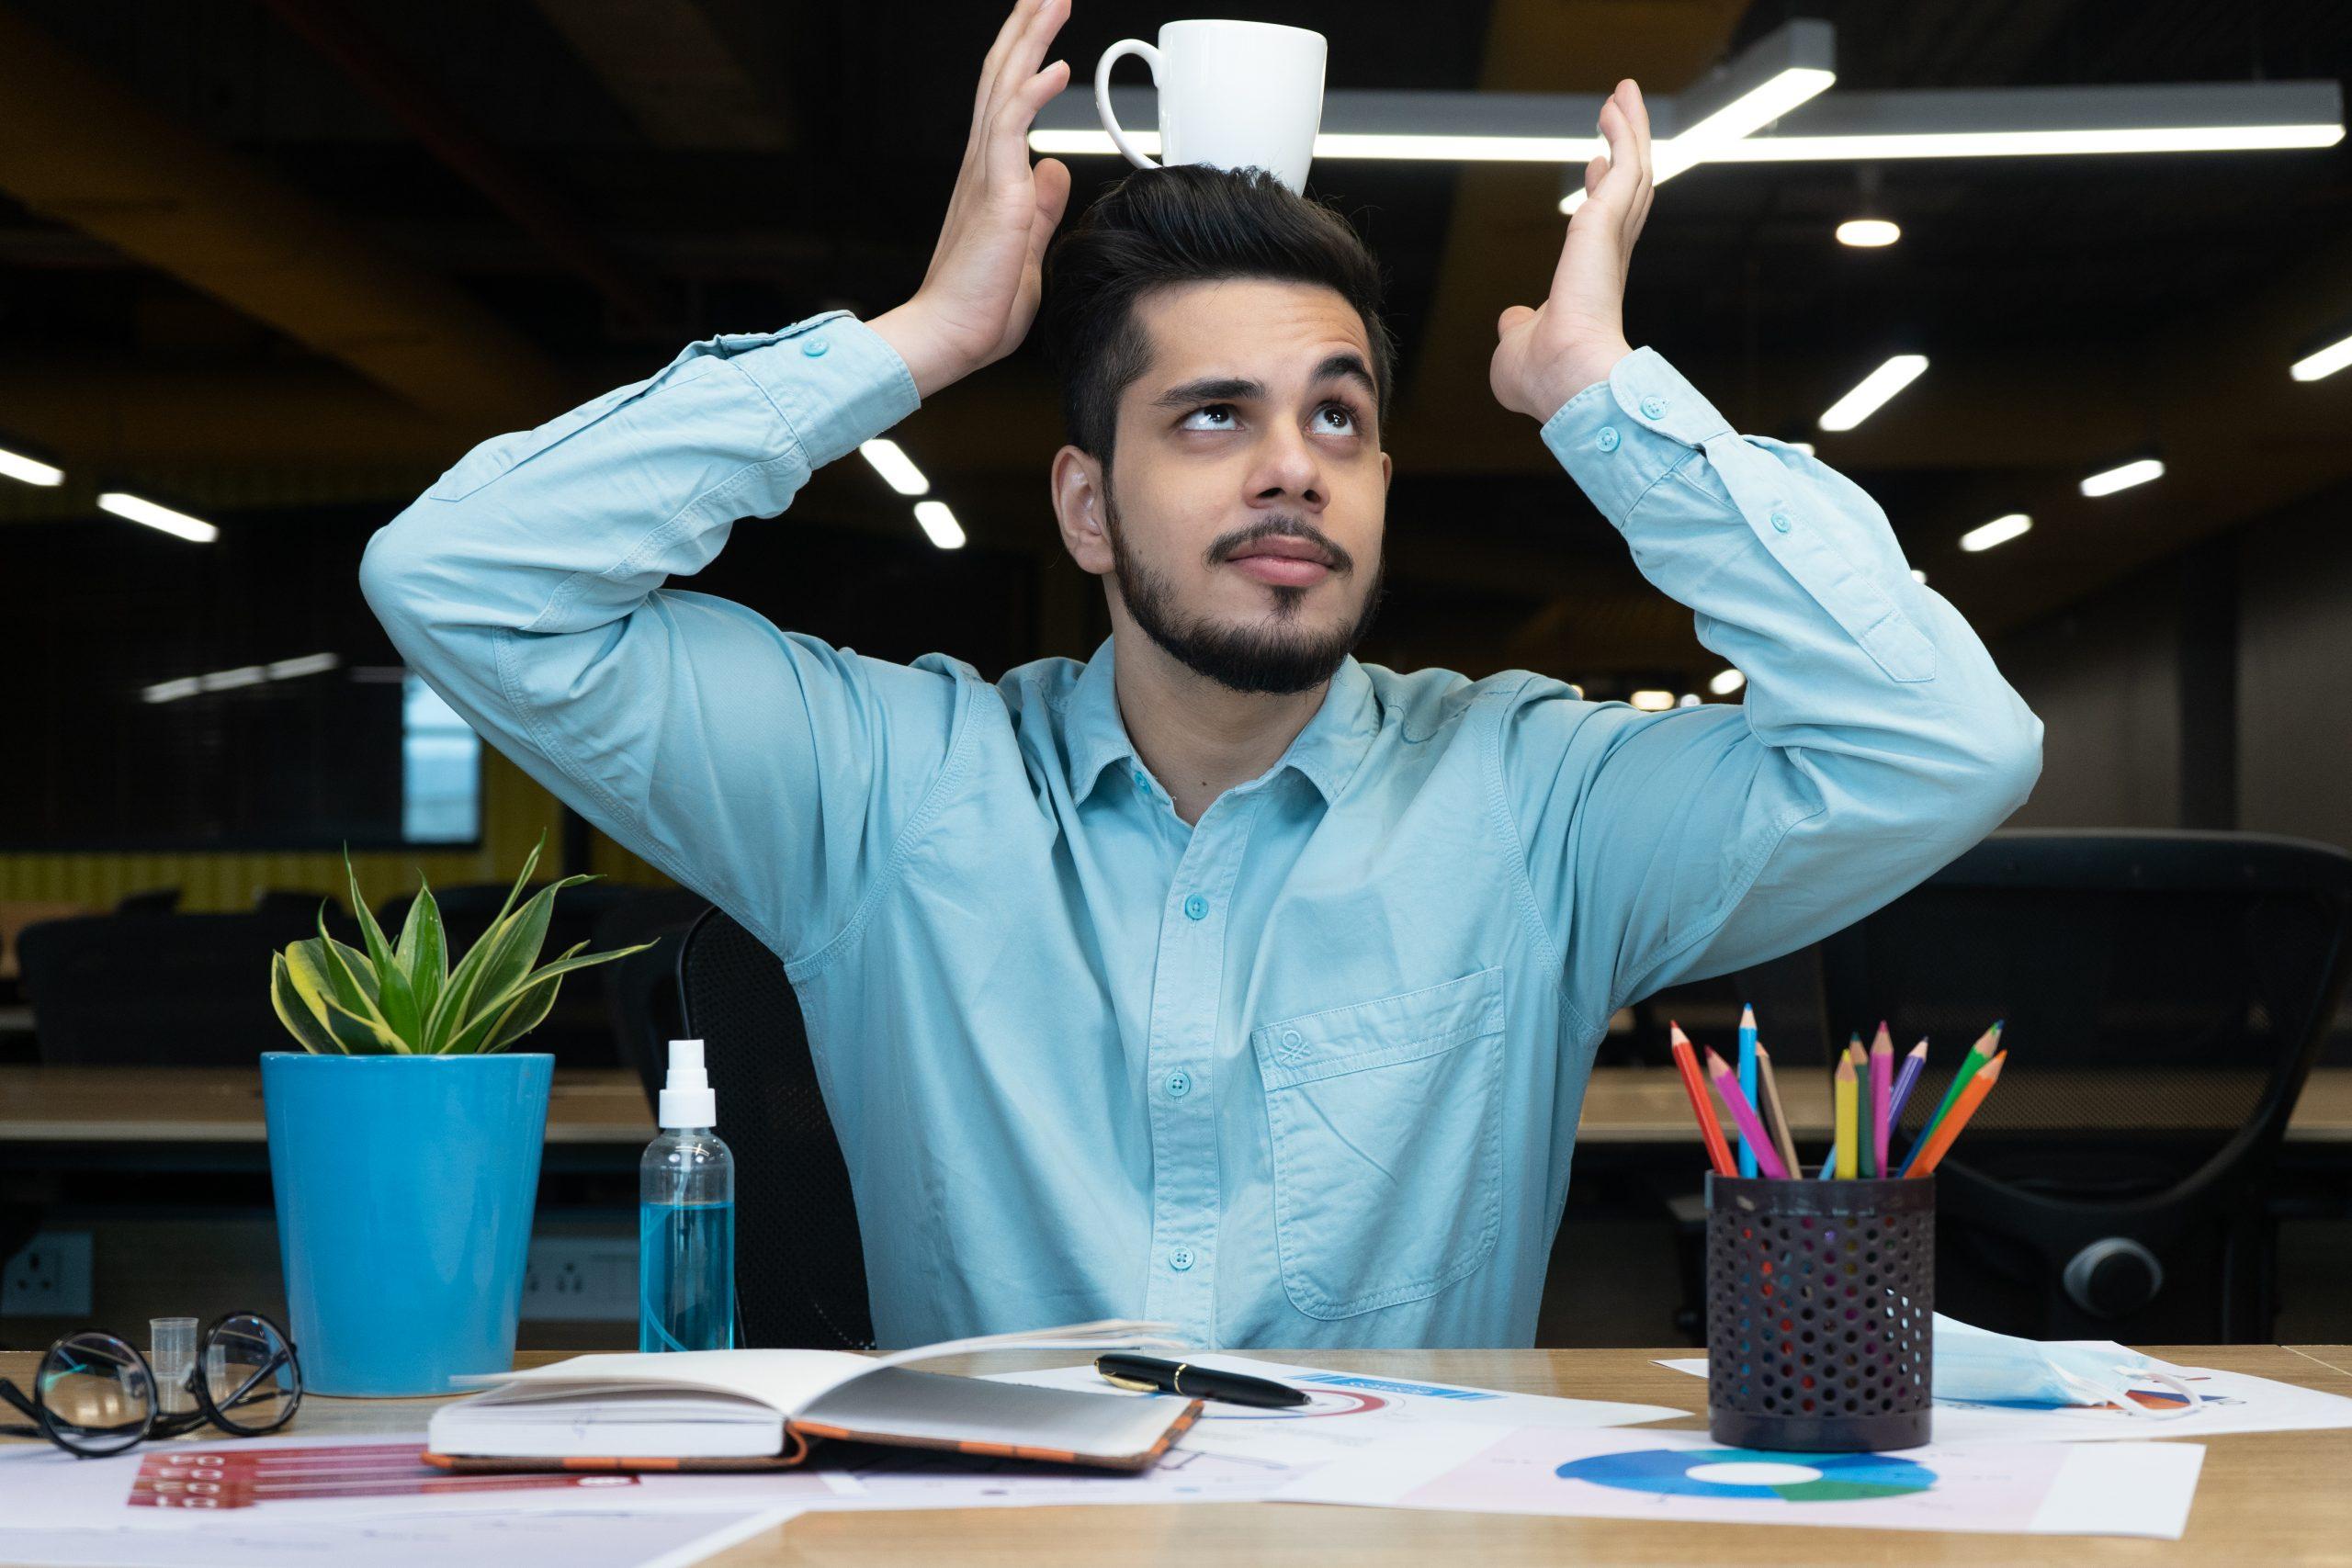 Man balancing coffee mug on head